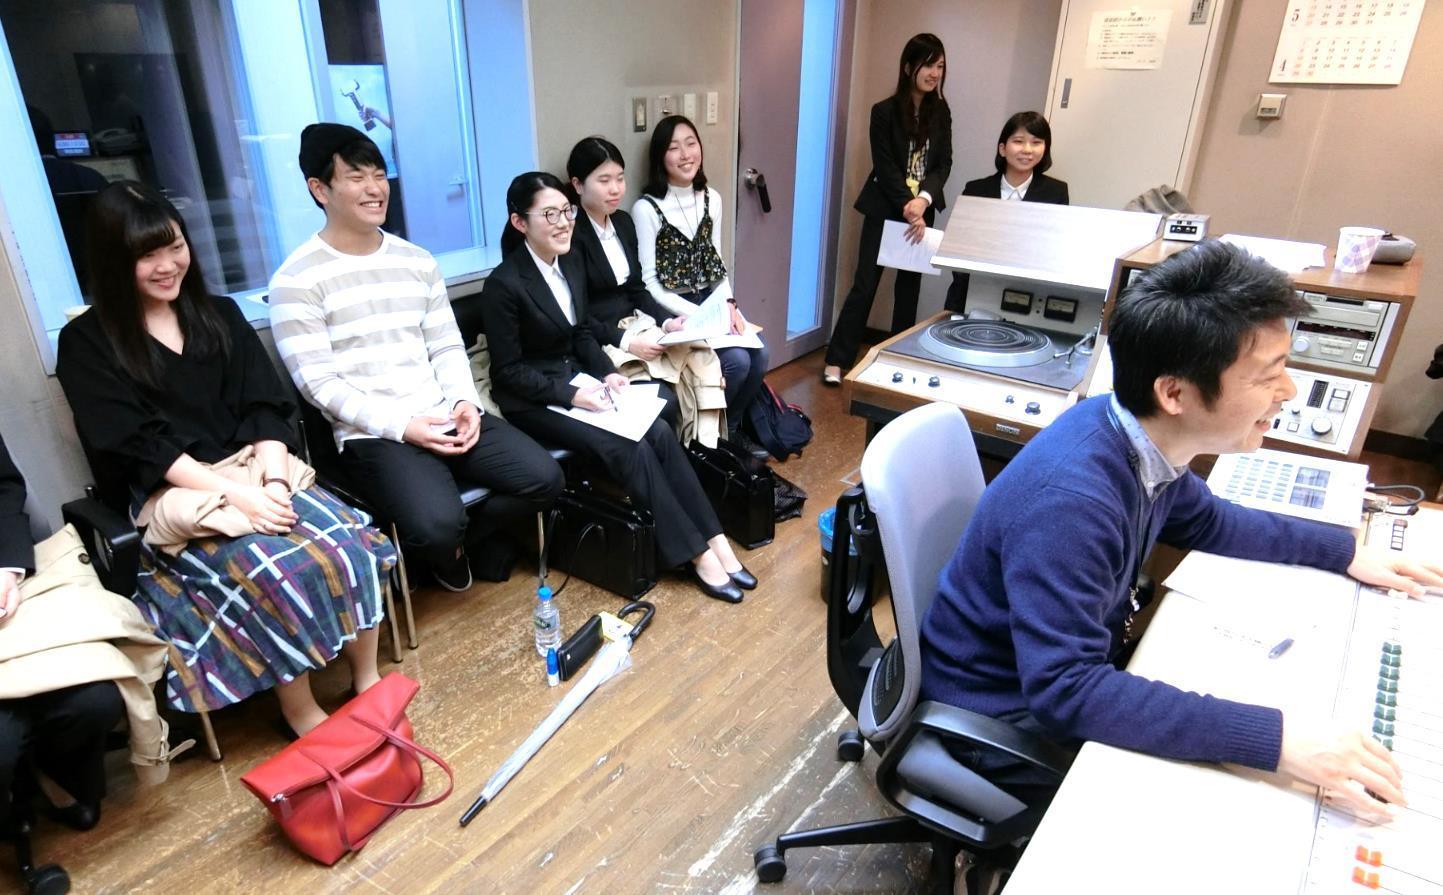 ◆関大生がラジオ放送を通して、関西全域の防災力アップに貢献!◆「安全・安心」を学問領域にする社会安全学部が独自の視点でラジオ番組を企画、社会に情報発信!~2018年4月から2019年3月の1年間 〔全52回〕 ラジオ大阪にて放送~